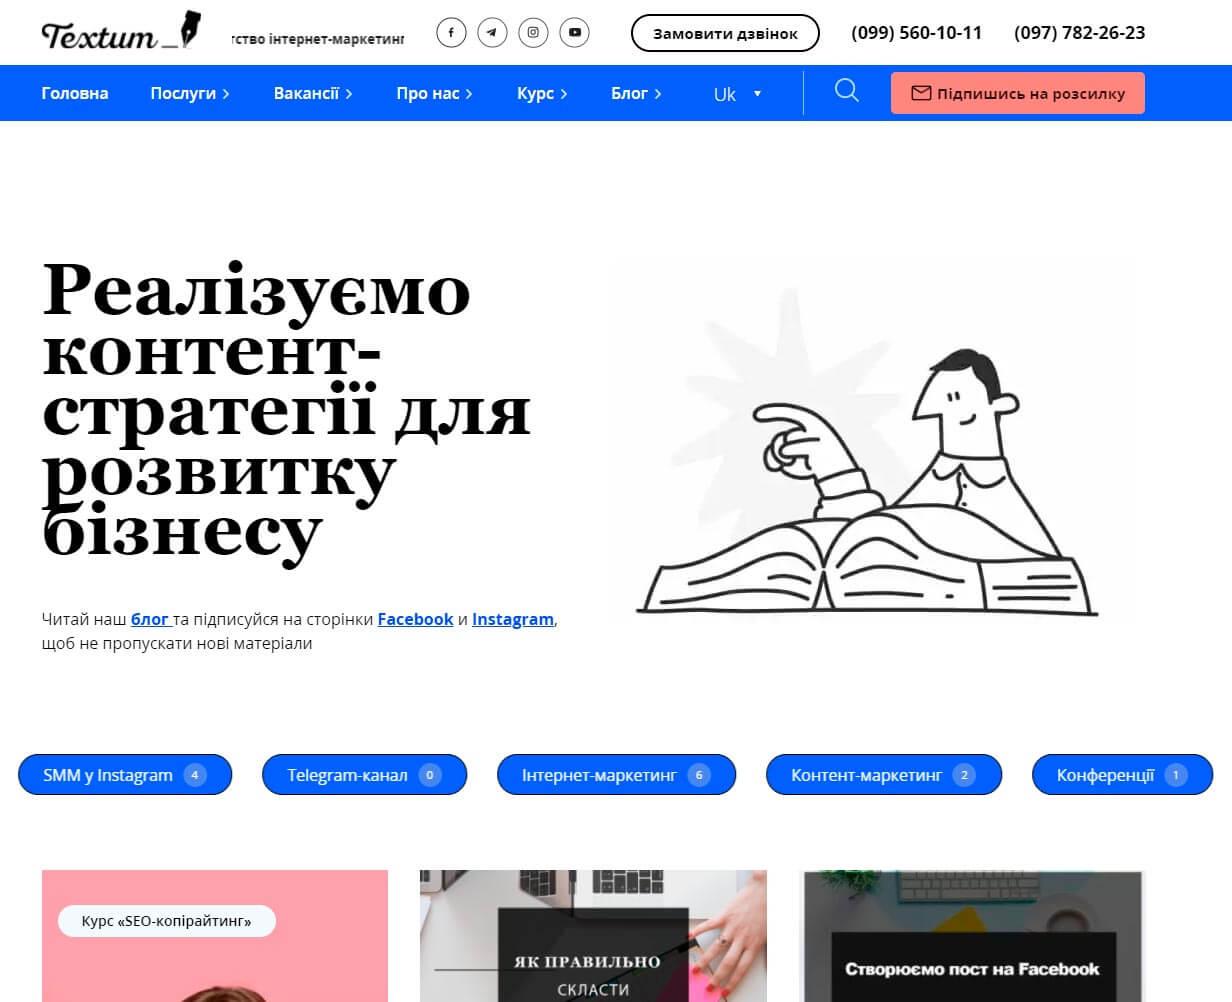 Textum - обзор компании, услуги, отзывы, клиенты, Фото № 1 - google-seo.pro